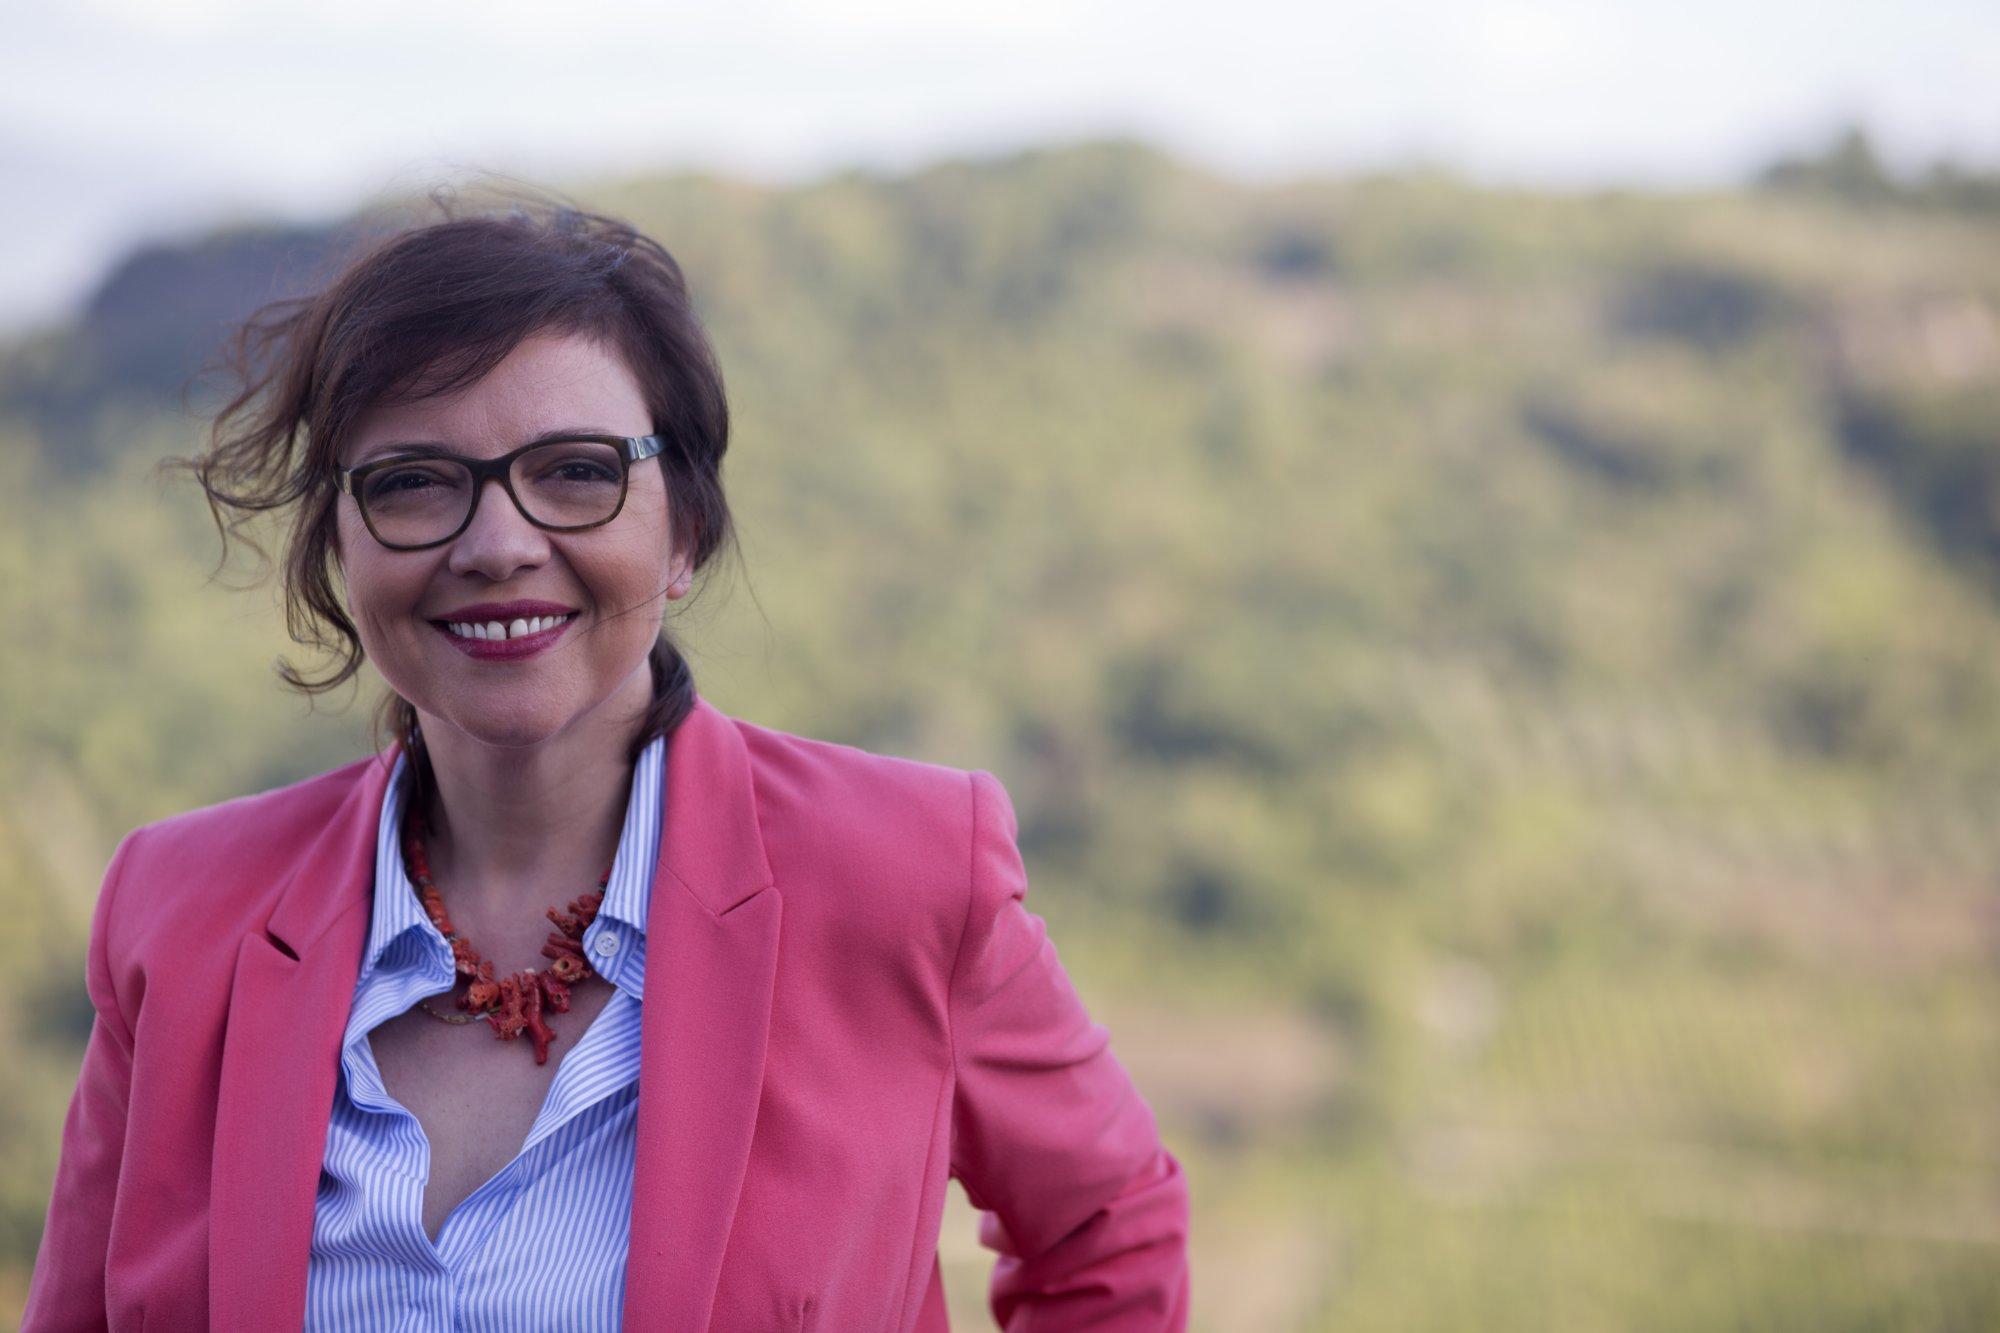 Lucia Vergaglia M5S - Candidata per la regione Umbria